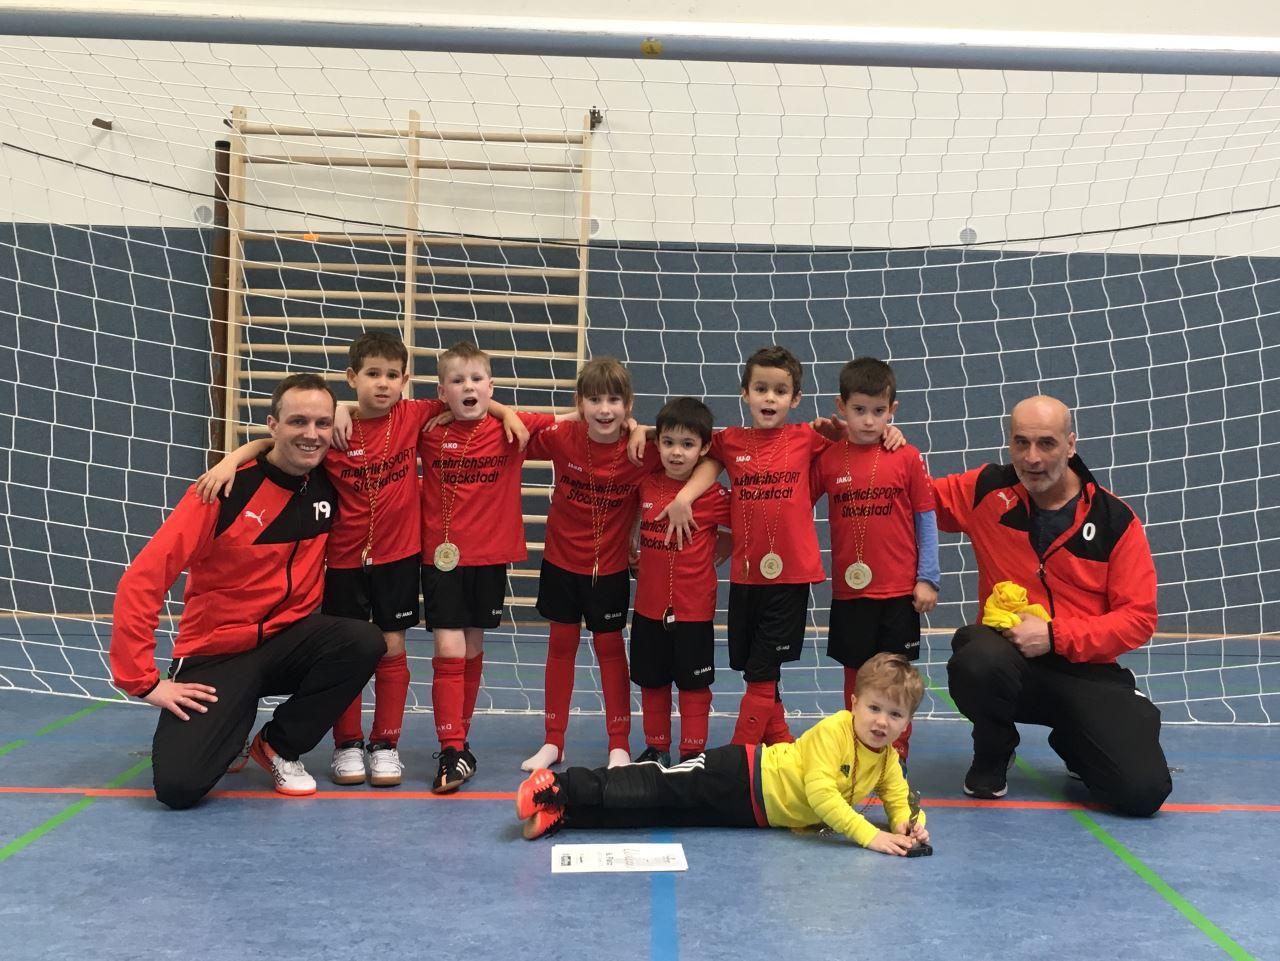 TV Schweinheim Fußball-Jugend beim Main-Bogen-Junior-Cup 2018 in Erlenbach